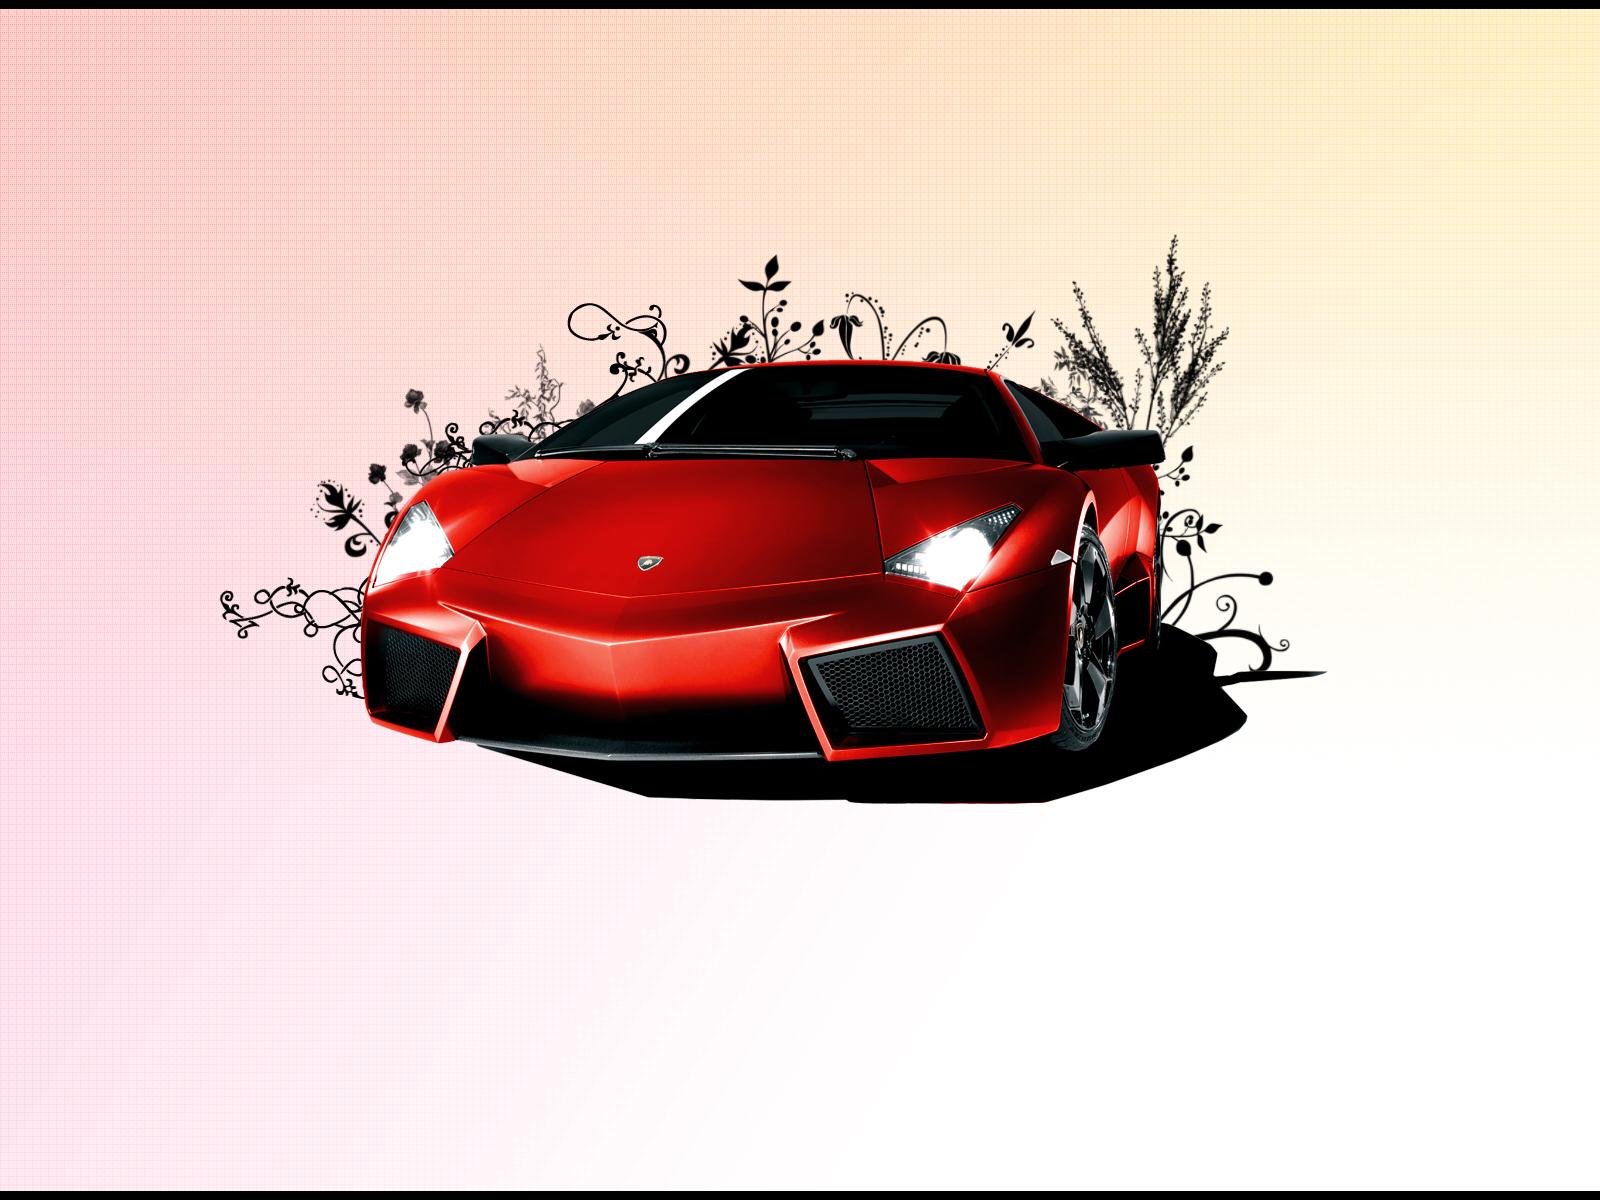 Lamborghini Reventon 3 by musicnation